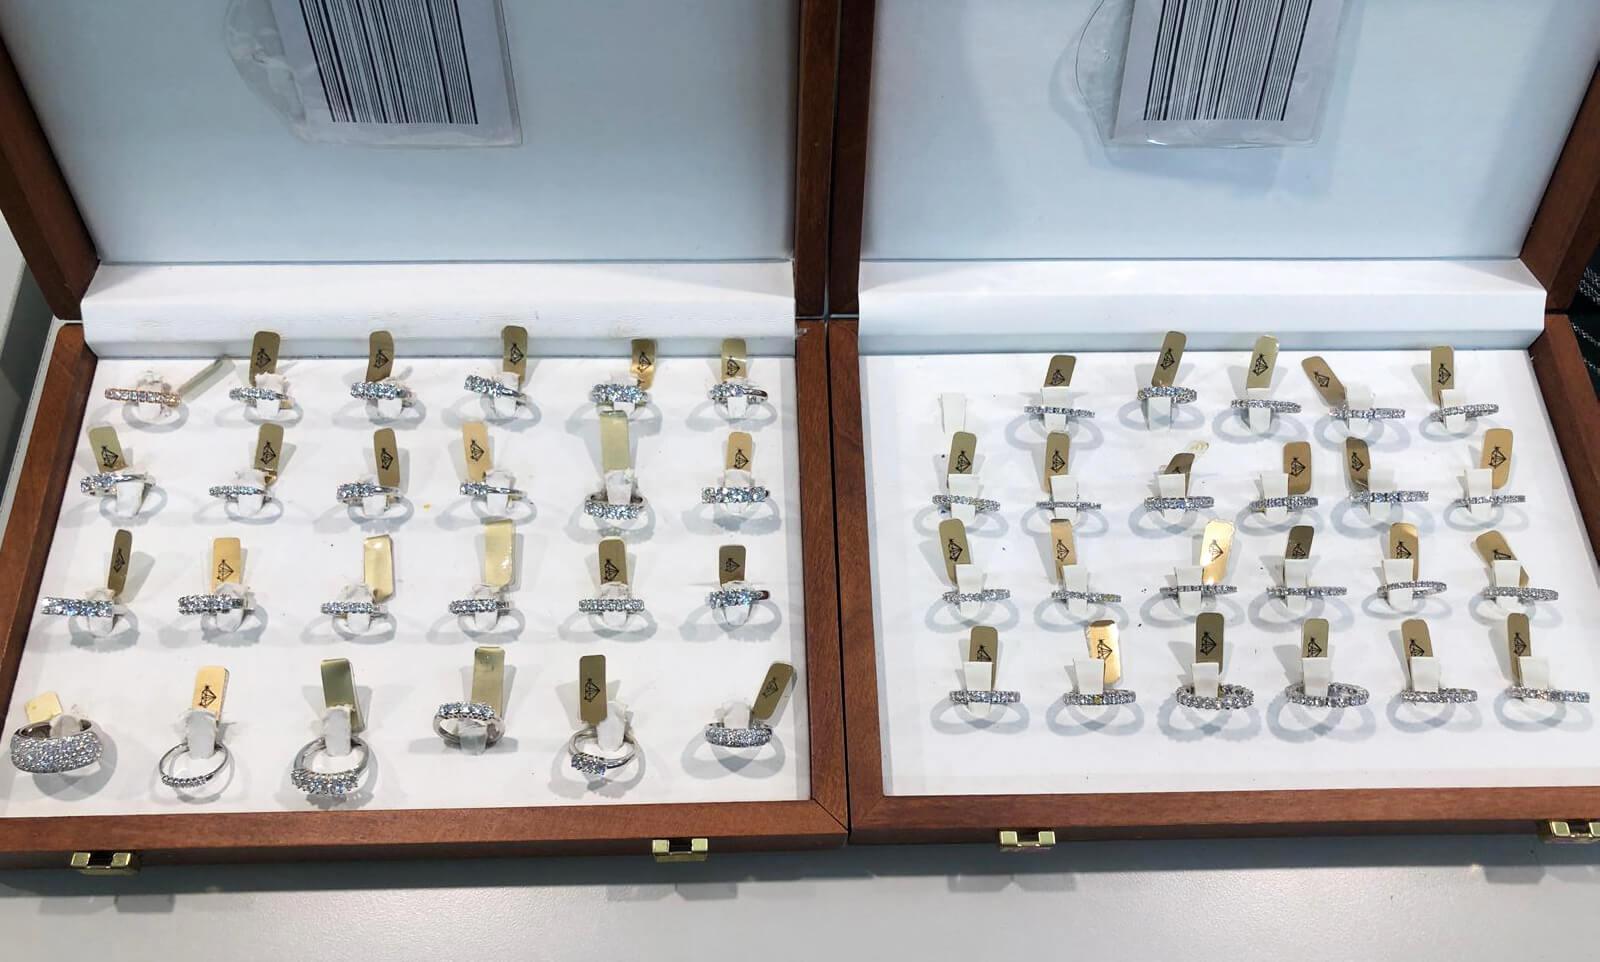 Gallery negozio jandelli oreficierie fabbrica gioielli for Negozio tutto per la casa